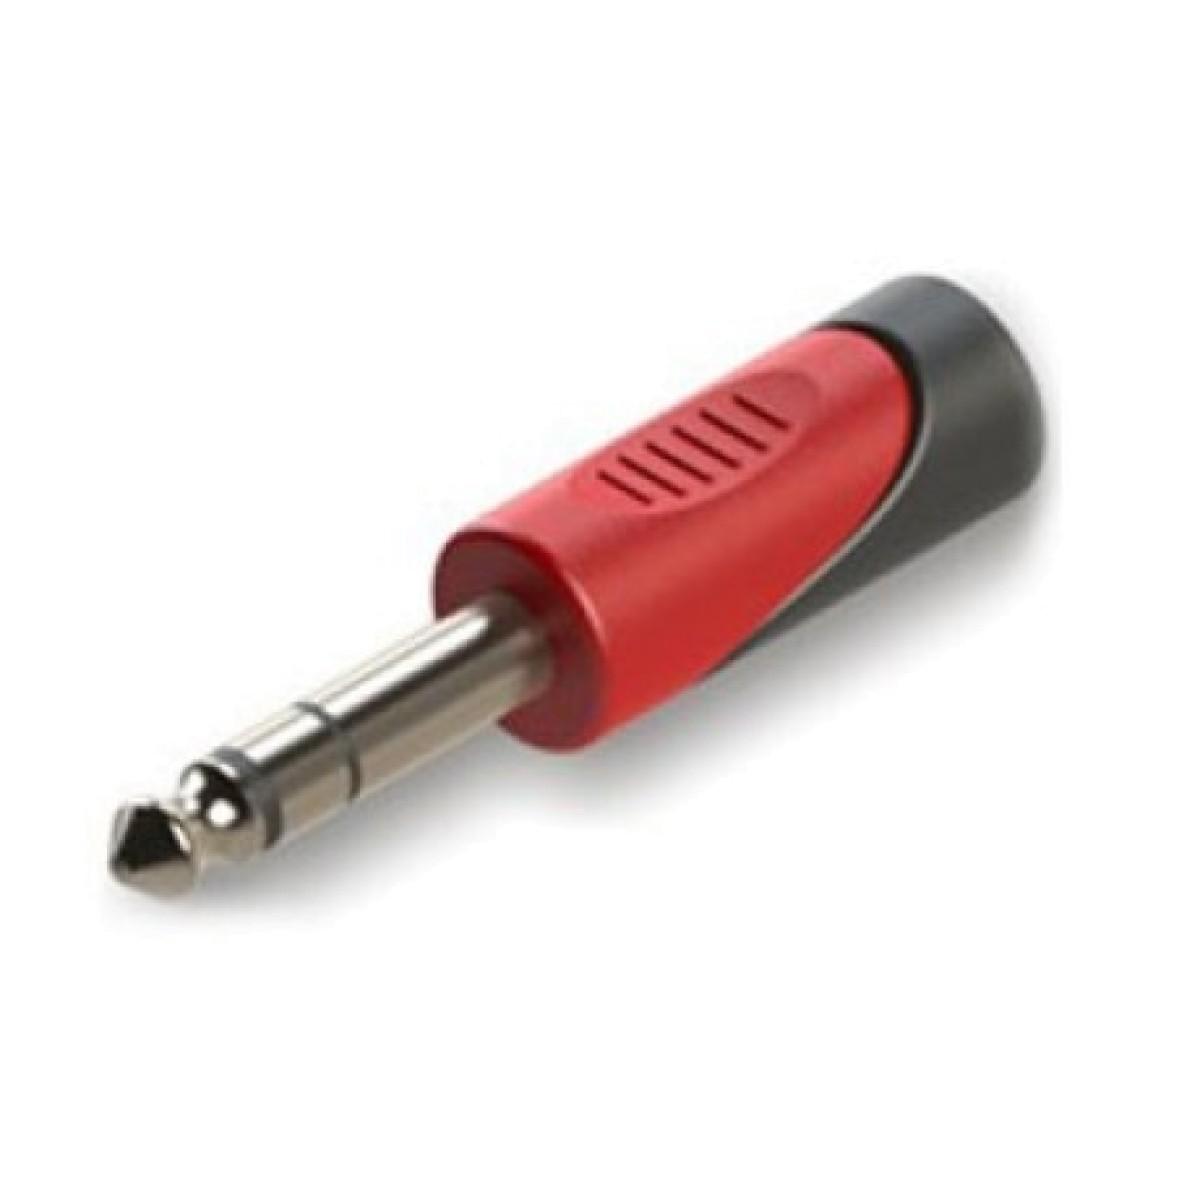 Adaptador p2 - p10 Roxtone Profissional Premium